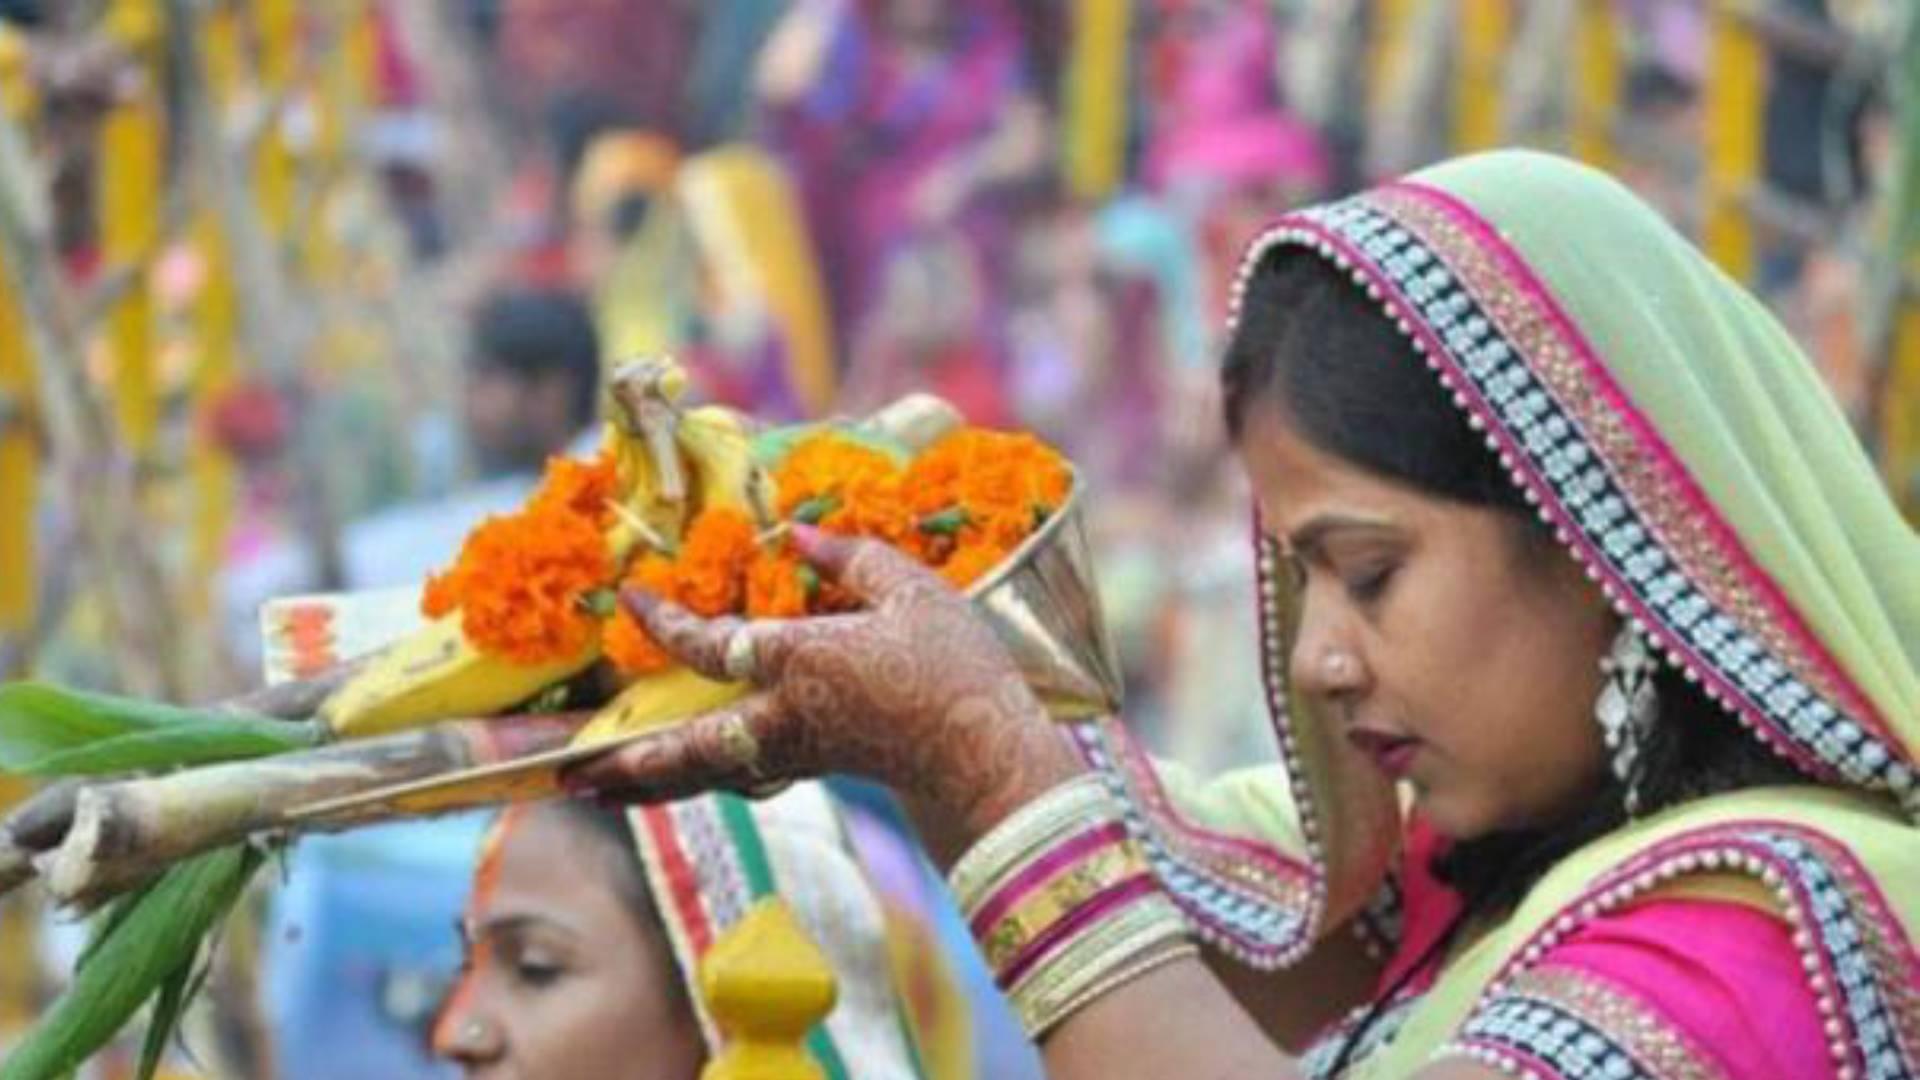 Chhath Puja 2019: नहाय-खाय के बाद आज है खरना, जानिए इसका महत्व और क्या करती हैं महिलाएं